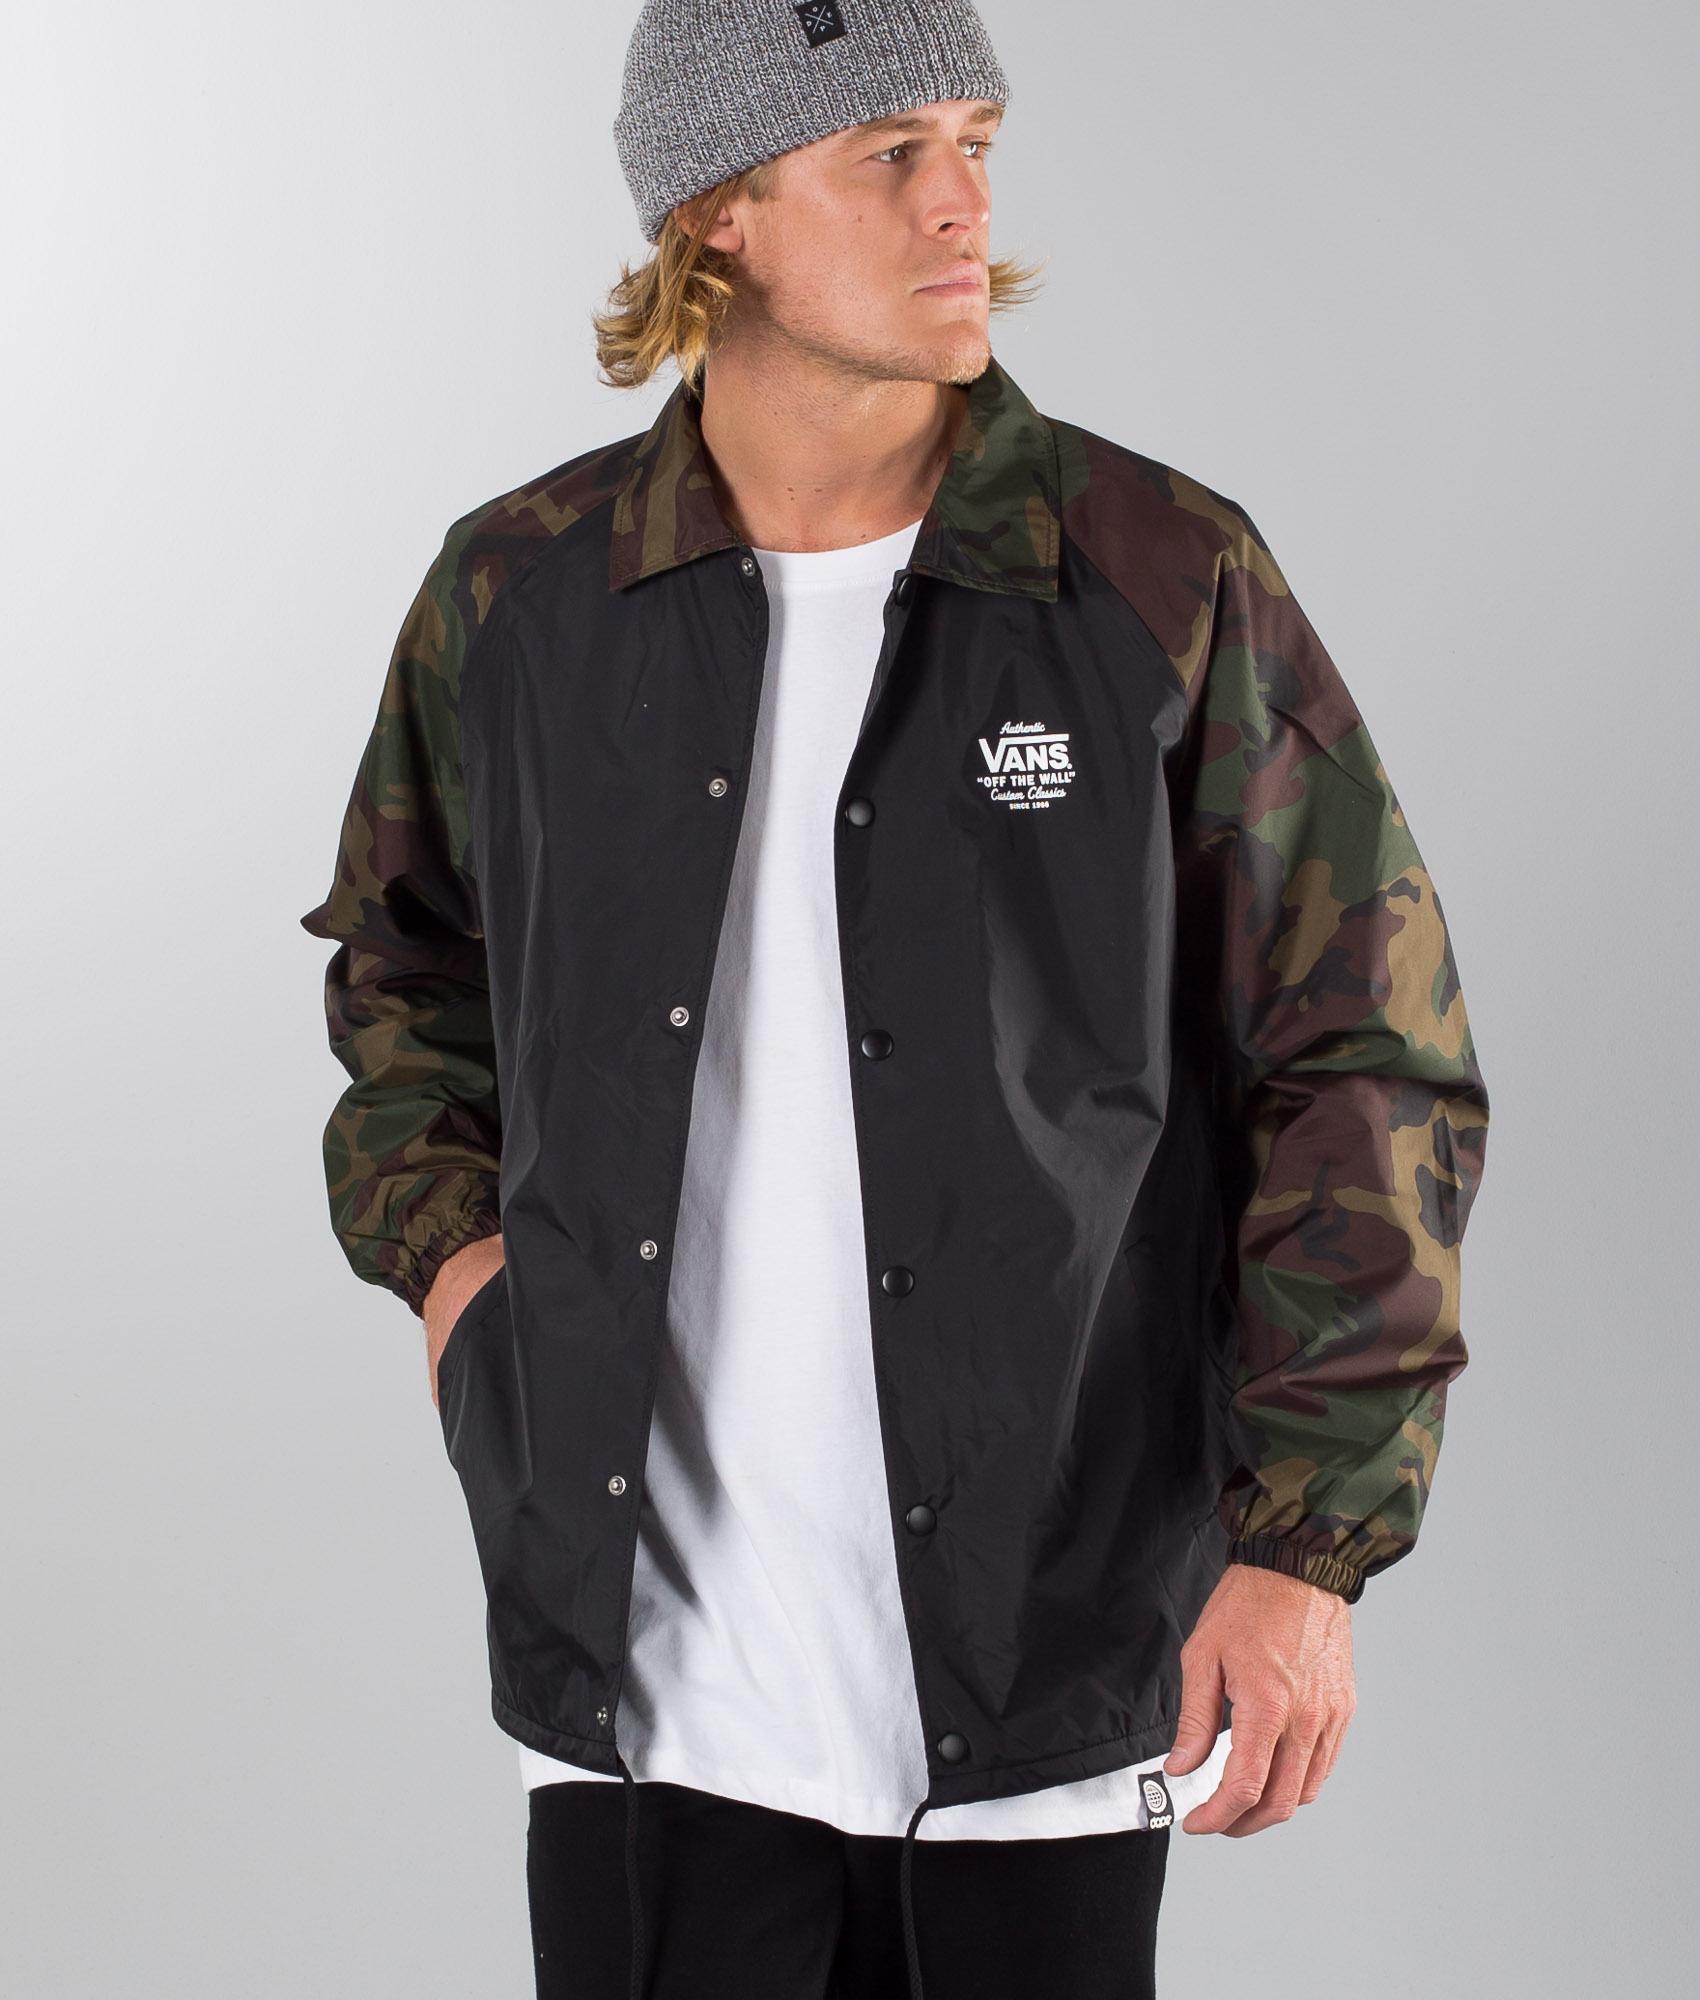 Torrey Black Vans Torrey Camo Jacket Jacket Vans Vans Torrey Camo Black Black Jacket USMqzpV